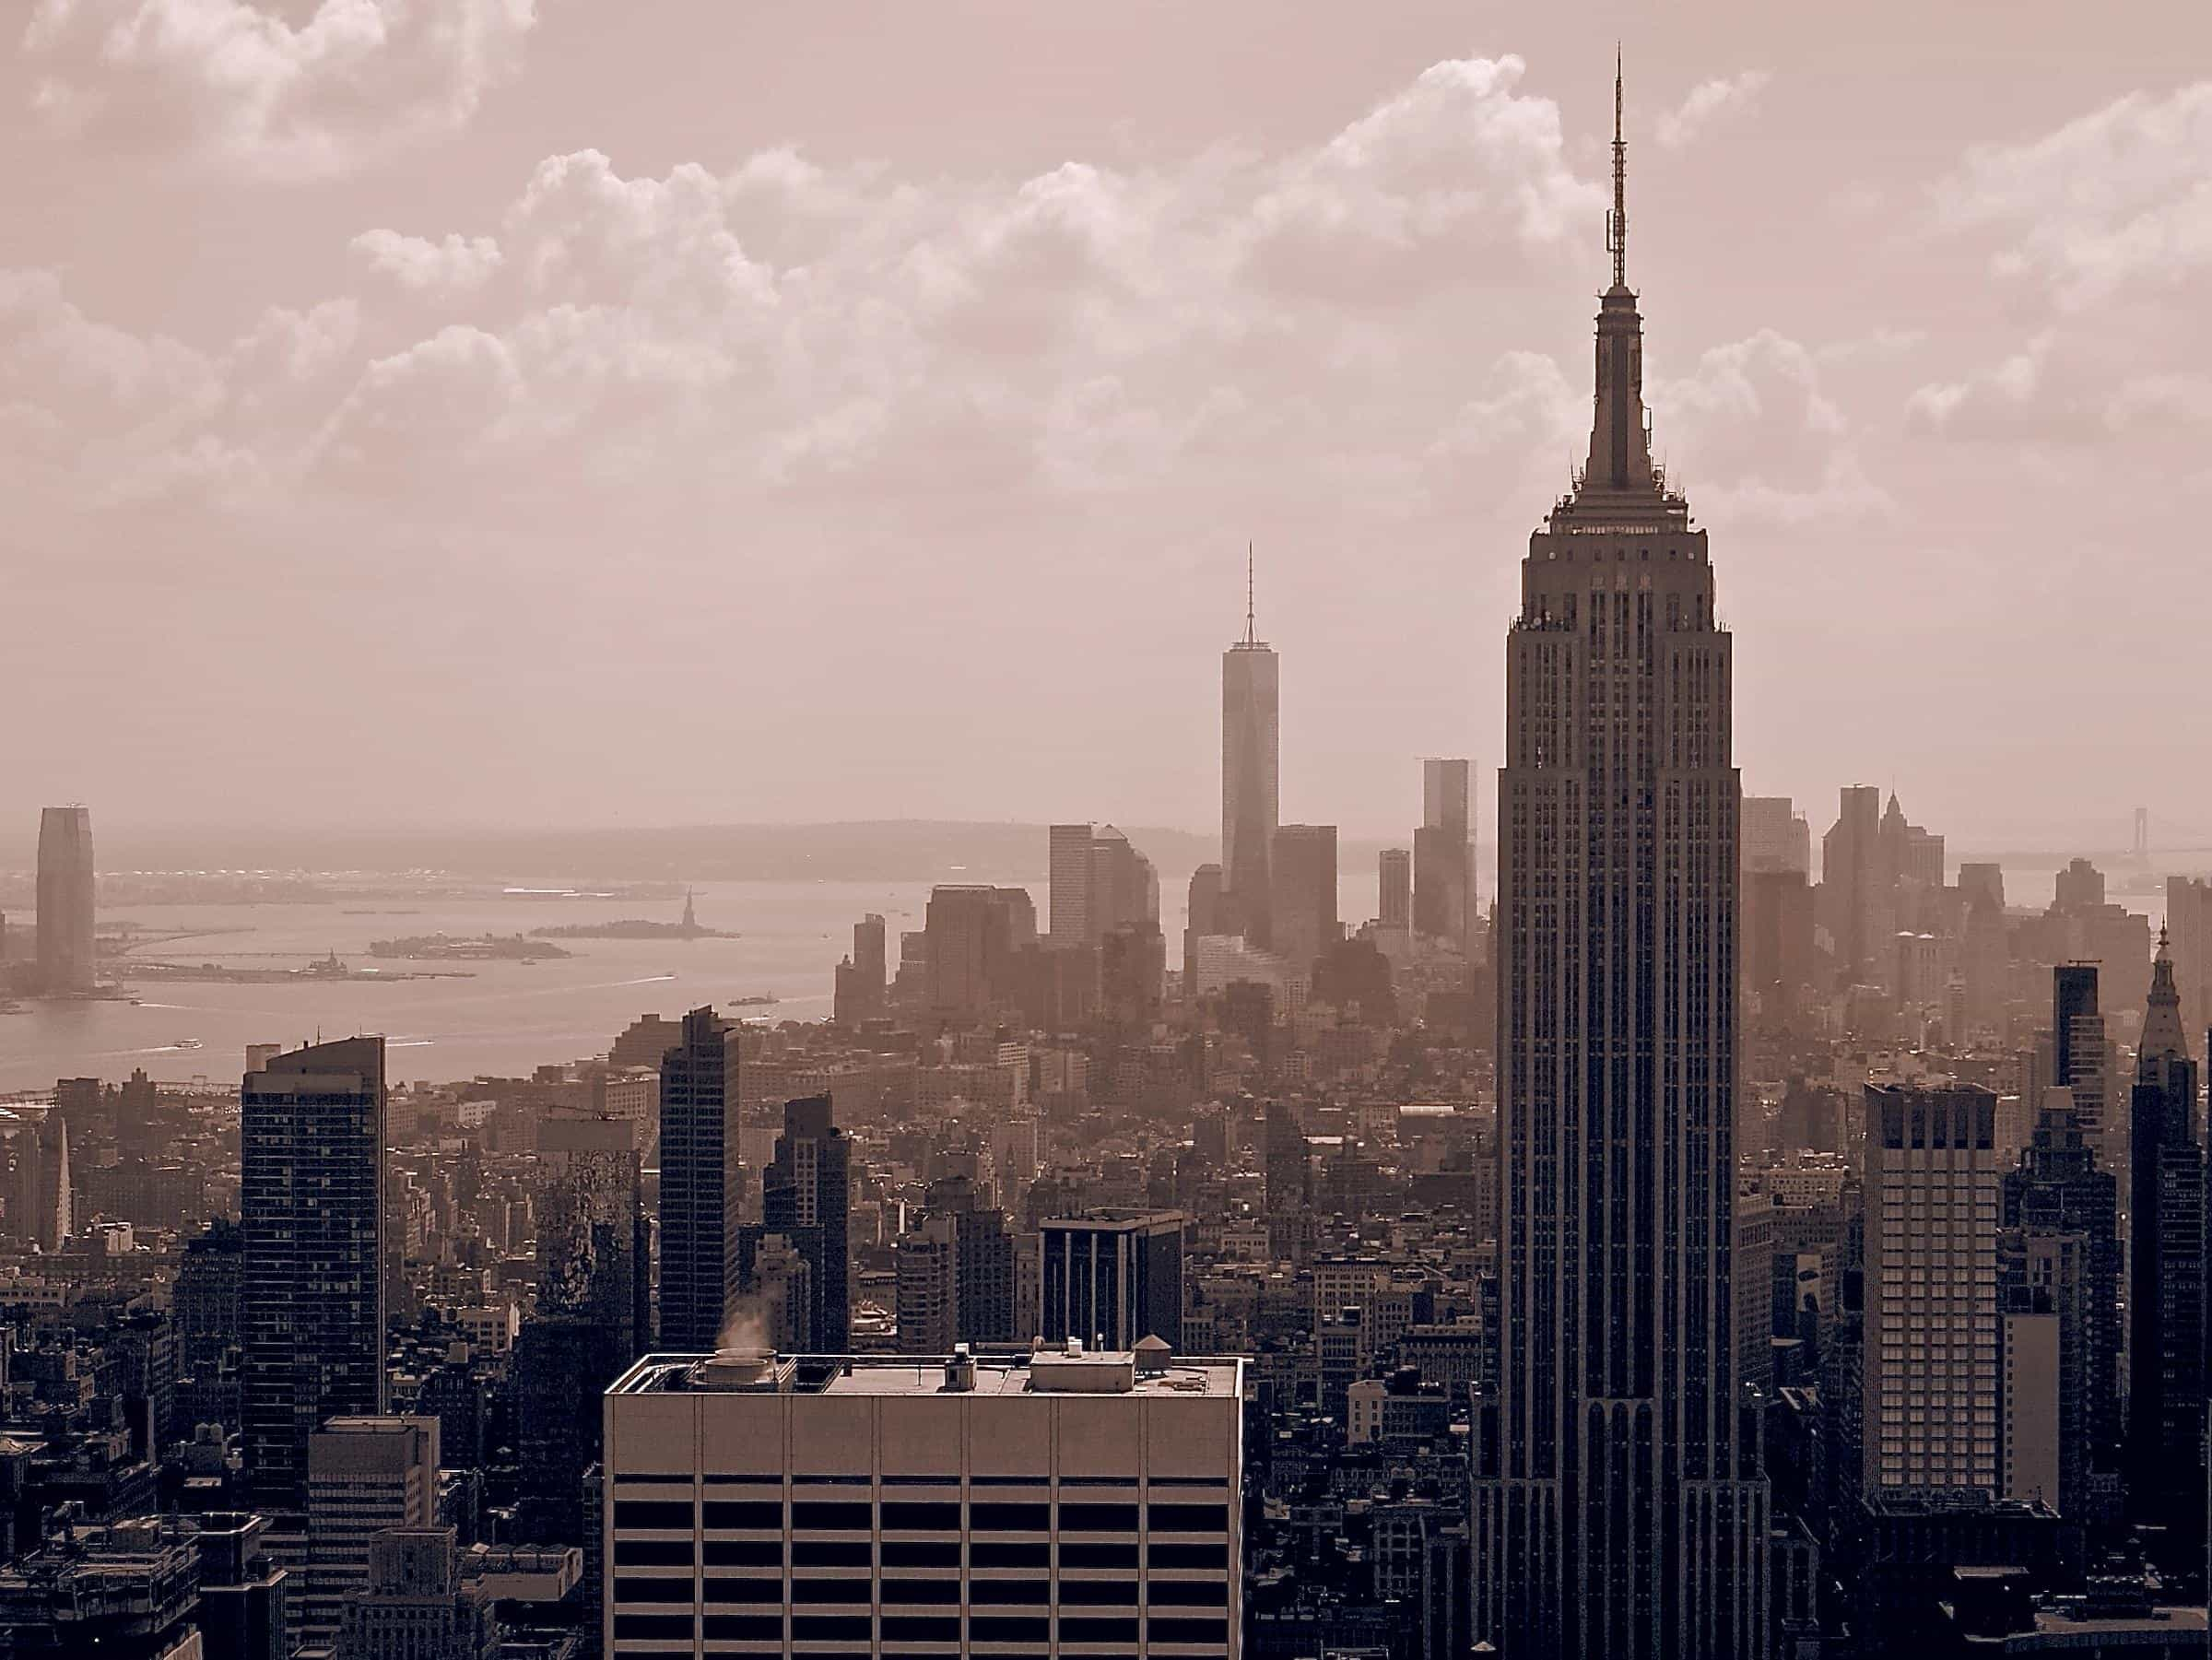 Poluição do ar mascara 0,5 ºC do aquecimento global nos centros urbanos, diz pesquisador da USP em relatório da ONU